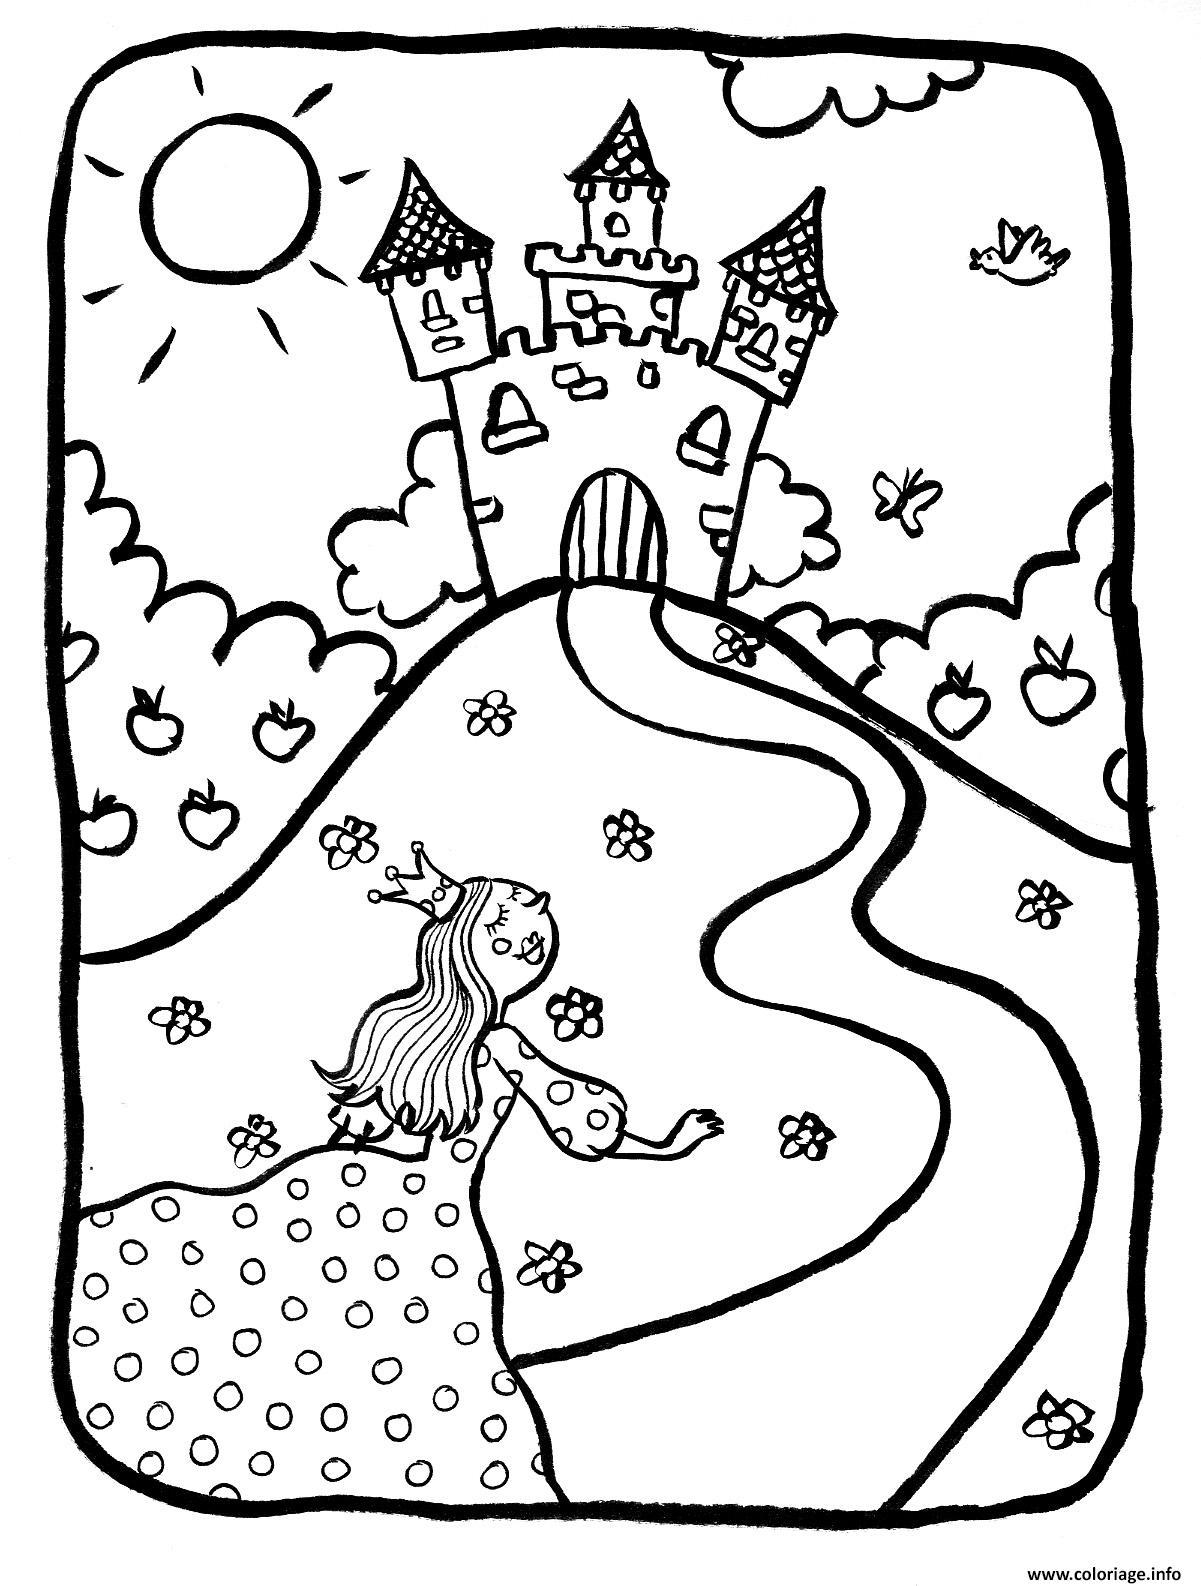 Coloriage dessin chateaux avec princesse dessin - Coloriage chateau de princesse ...